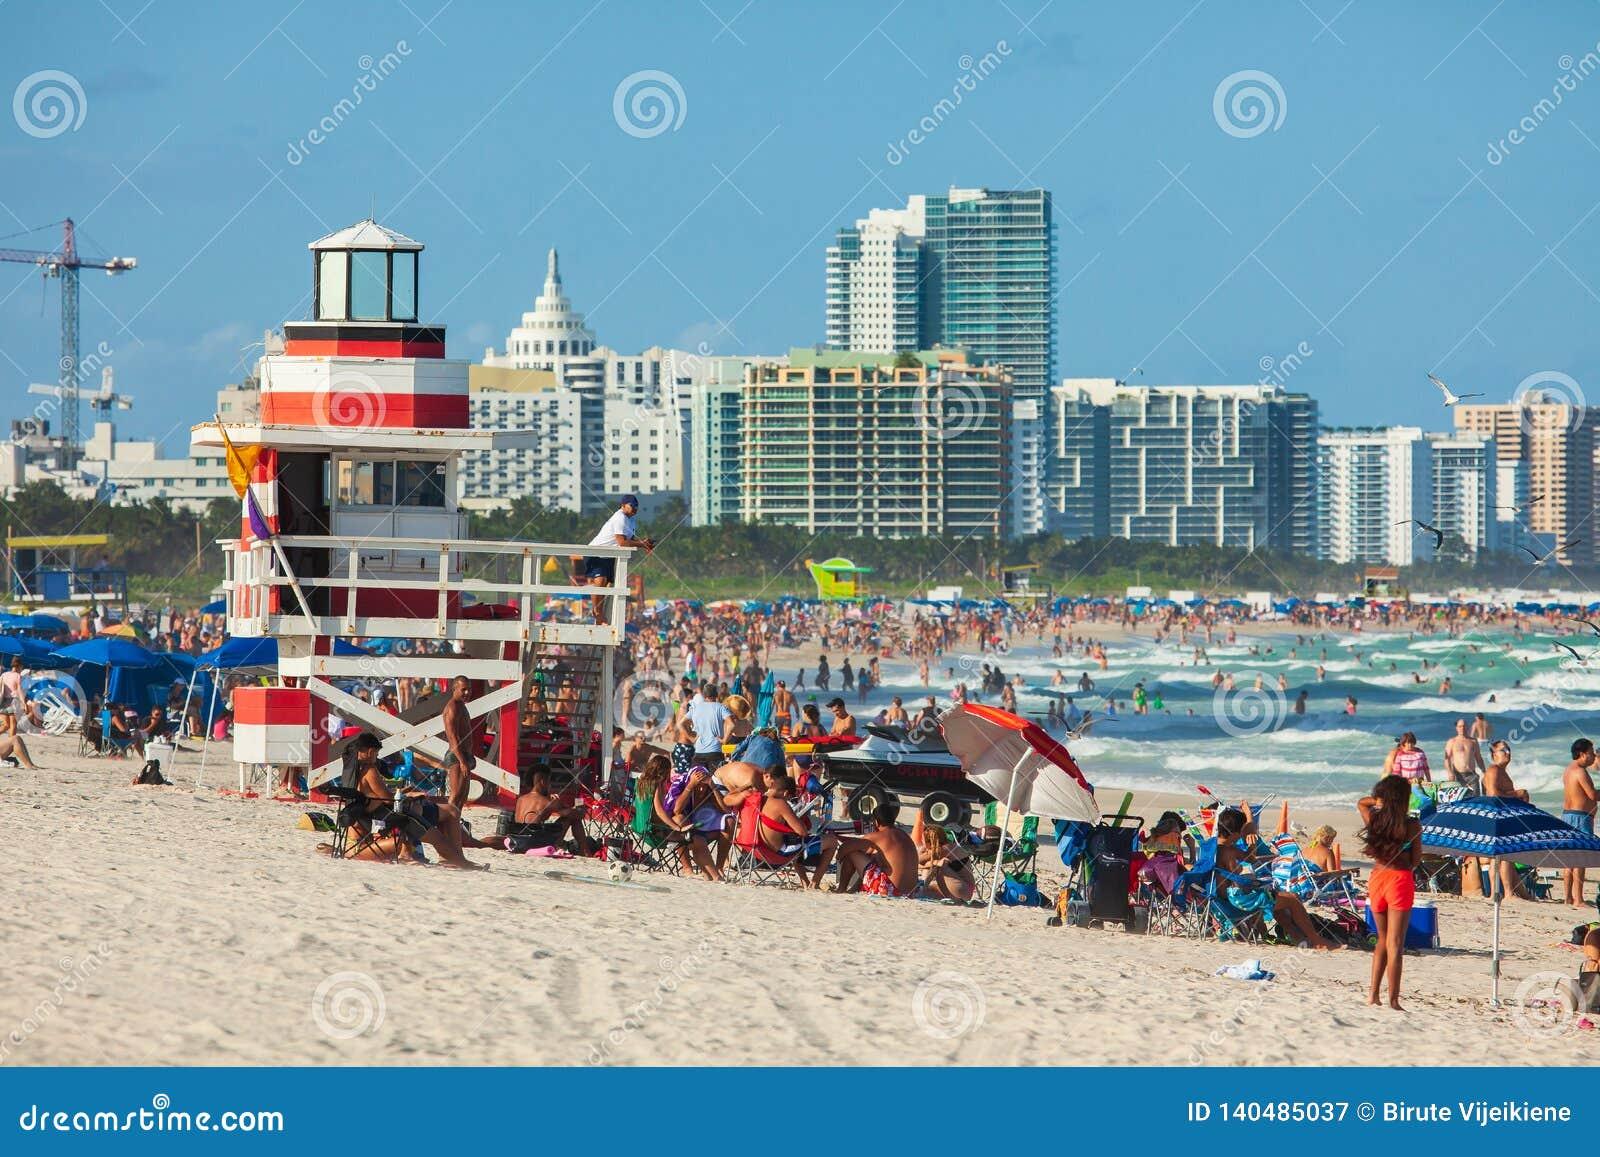 Plage du sud dans Miami Beach, la Floride, Etats-Unis